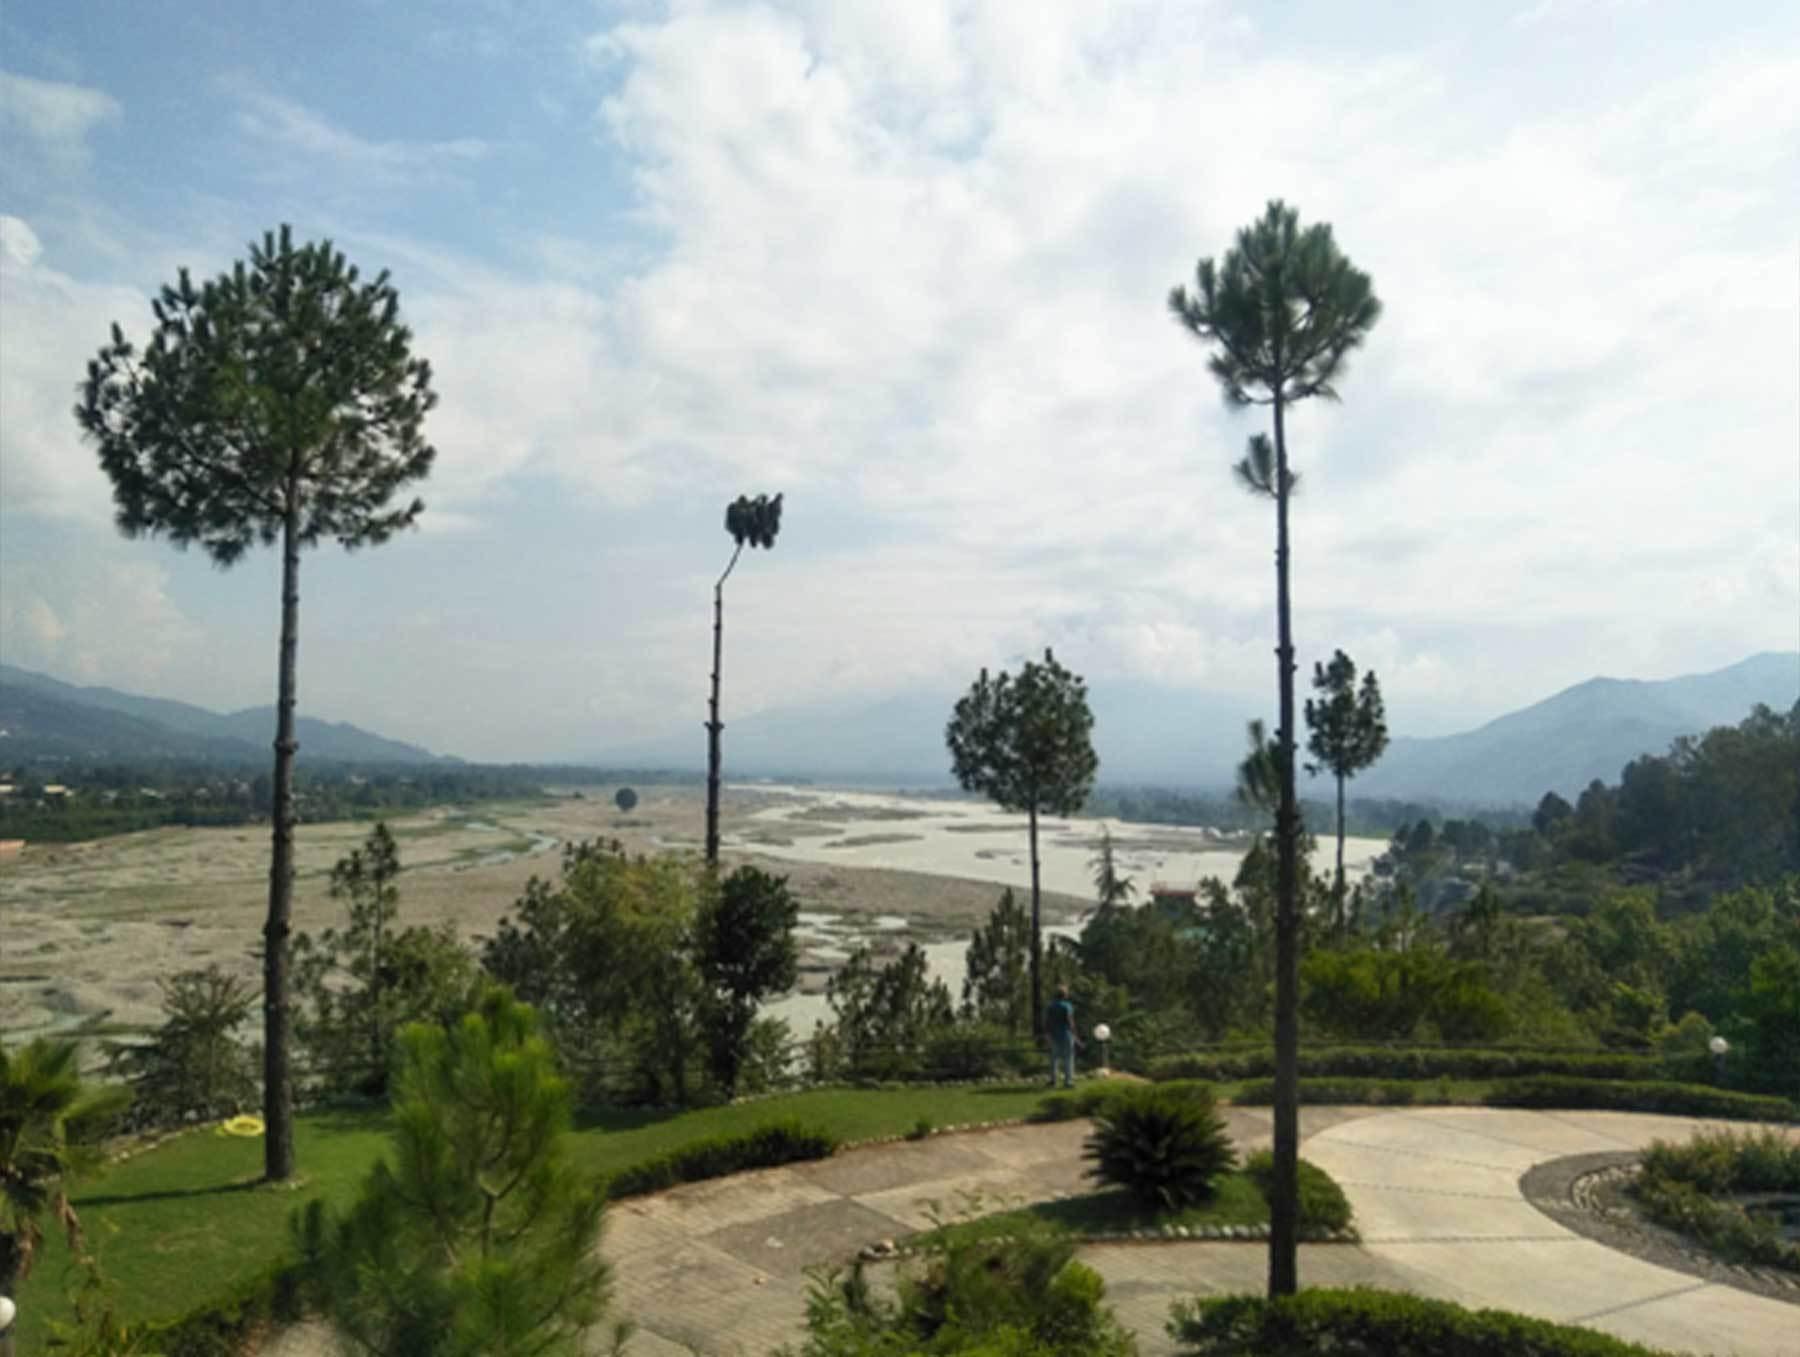 رات قیام کے لیے دریائے سوات کے کنارے ایک مشہور مقامی ہوٹل کا رخ کیا گیا— عظمت اکبر